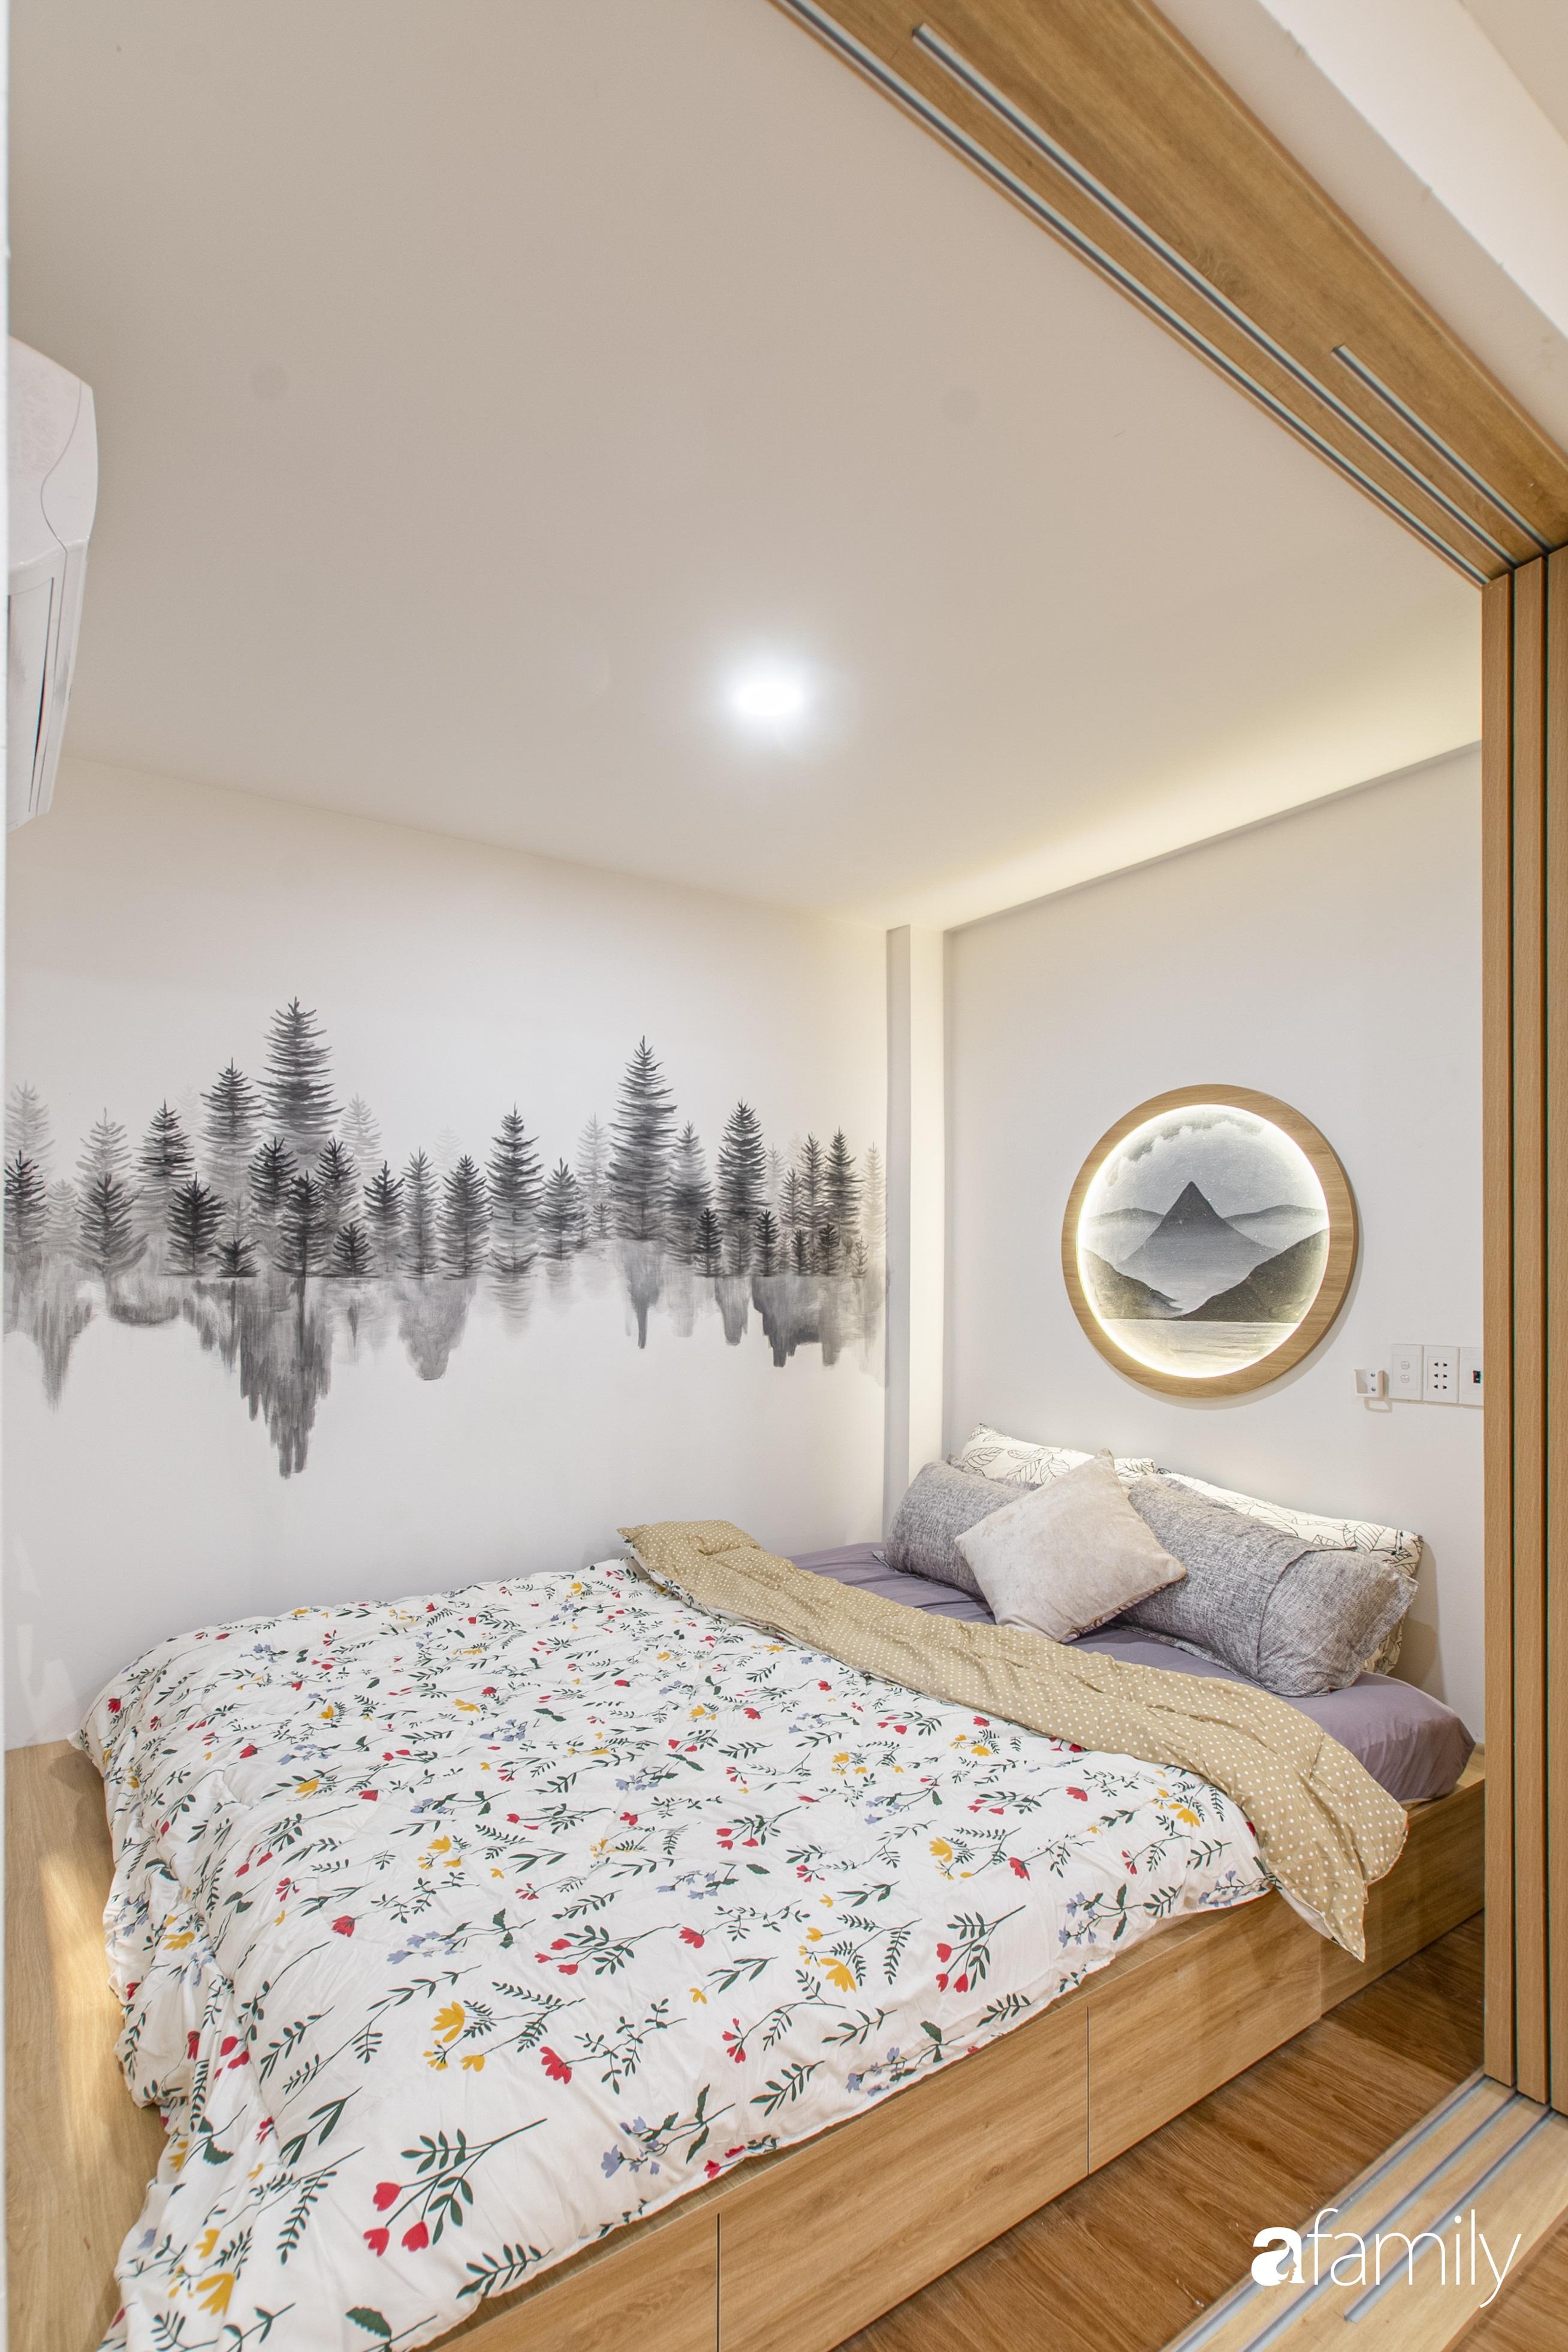 Con trai cải tạo nhà phố hư hỏng nặng thành không gian đậm phong cách Nhật cho bố mẹ an hưởng tuổi già - Ảnh 20.